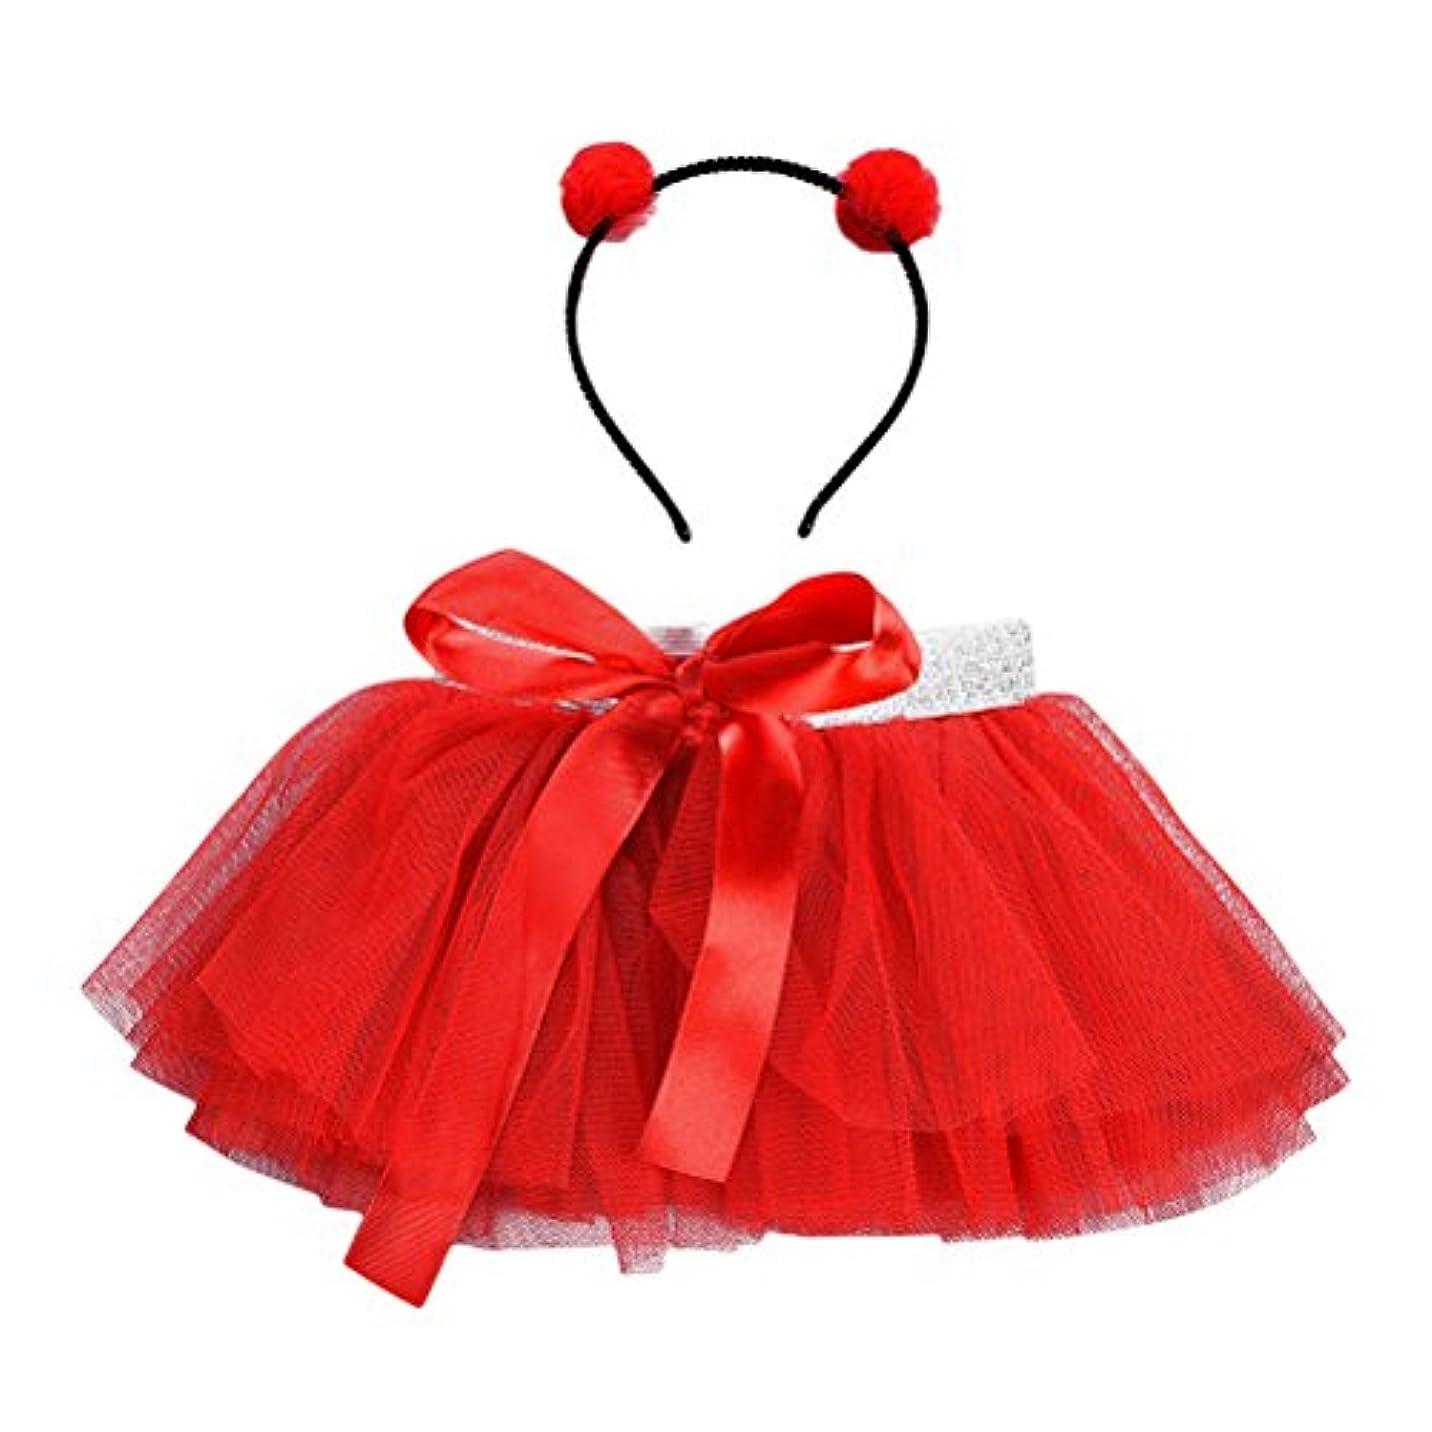 黒人形式ペレグリネーションLUOEM 女の子TutuスカートセットヘッドバンドプリンセスガールTutuの服装赤ちゃん女の子Birthday Outfit Set(Red)